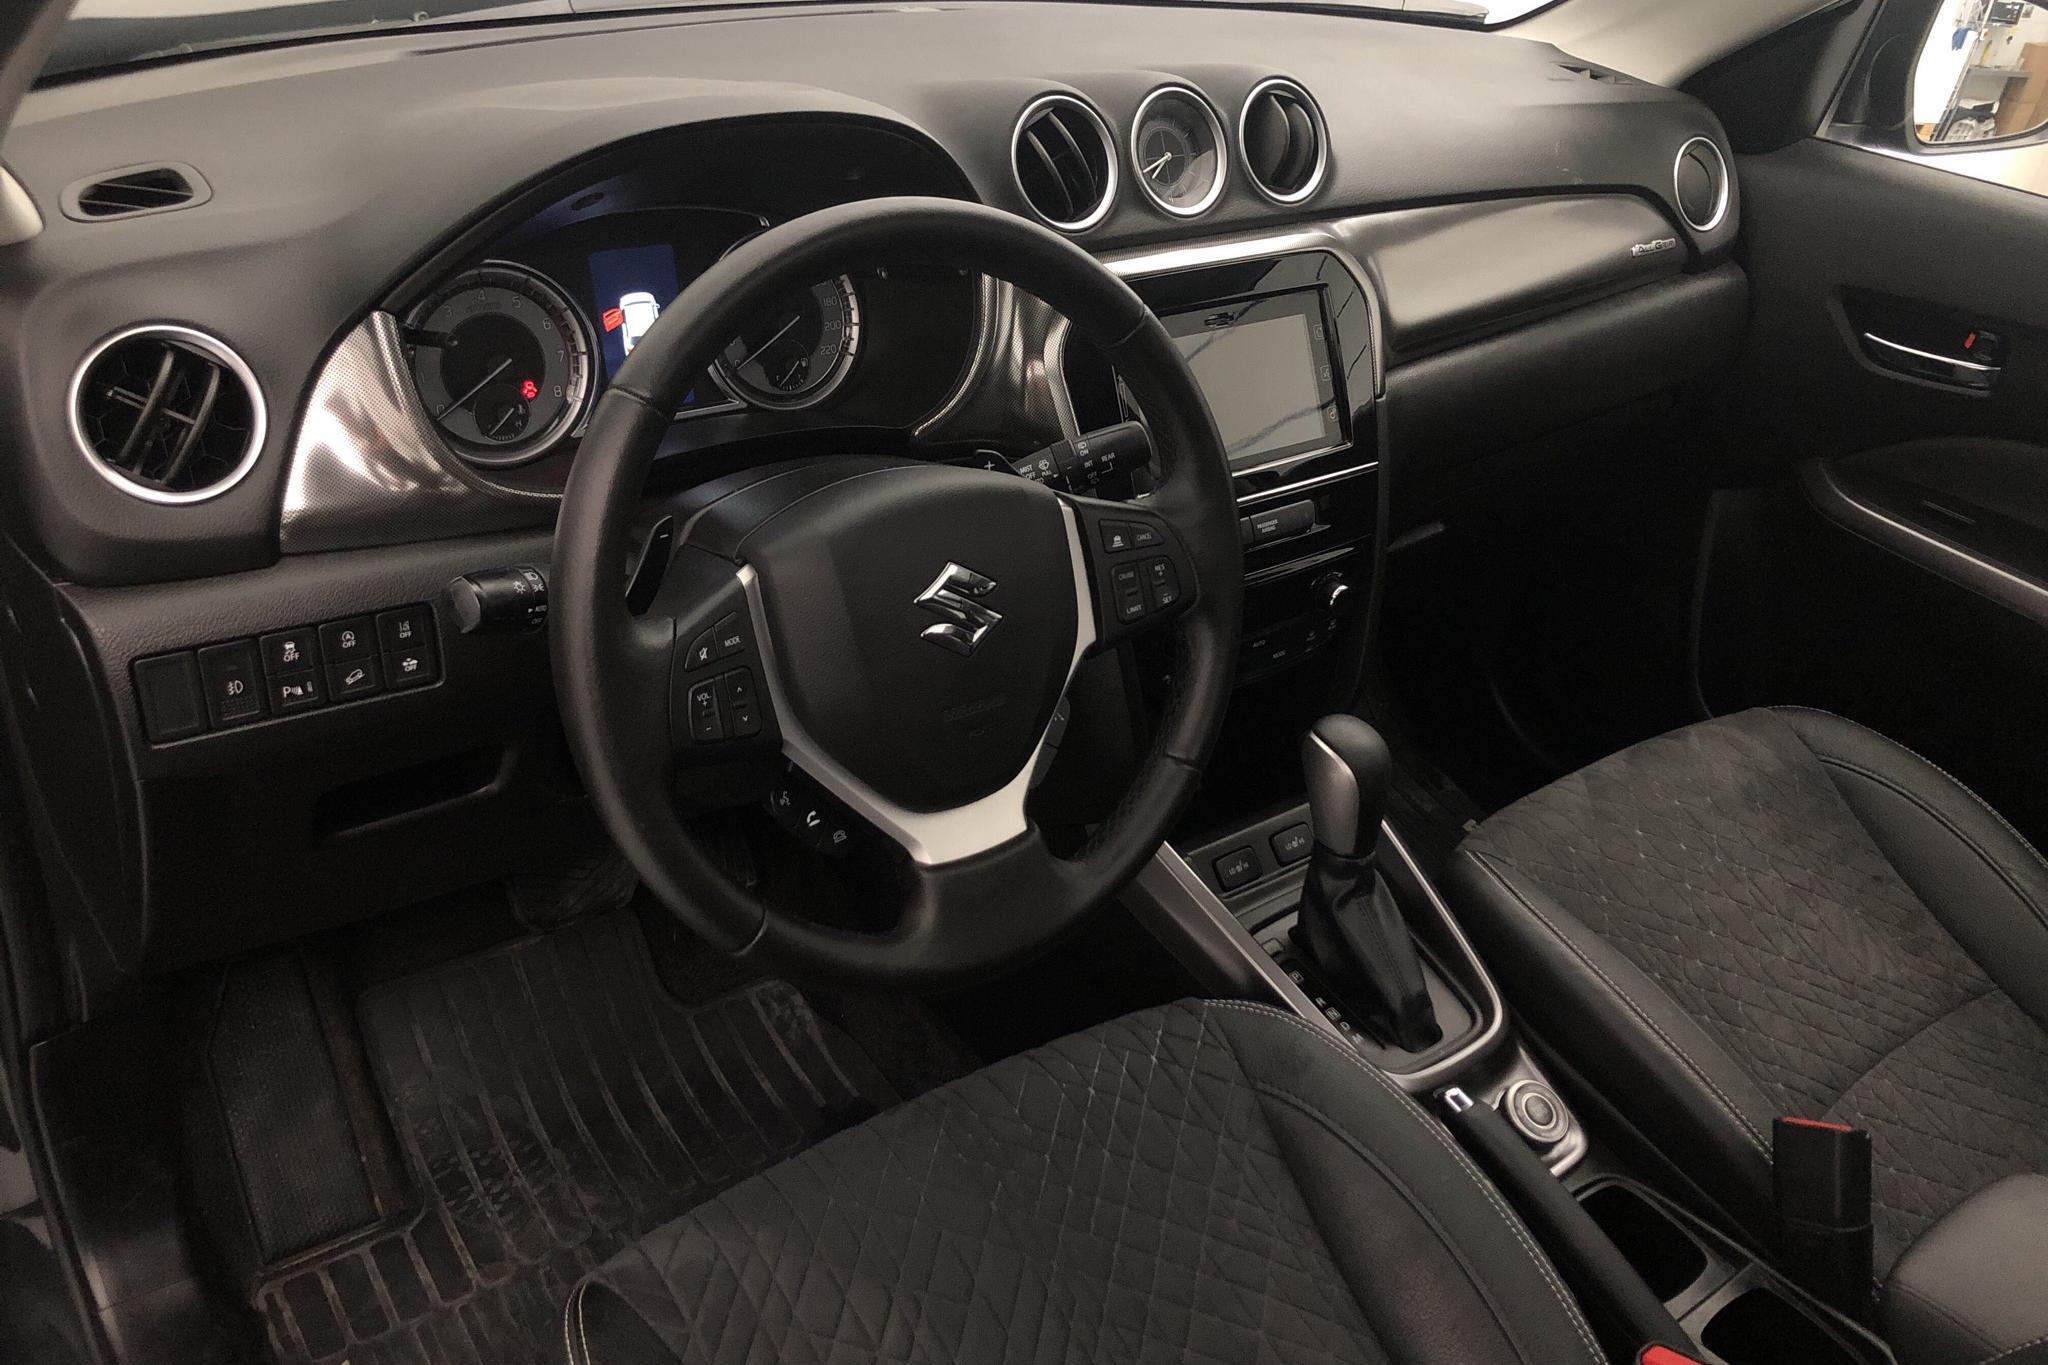 Suzuki Vitara 1.4T Boosterjet Allgrip 4x4 (140hk) - 2 329 mil - Automat - svart - 2019